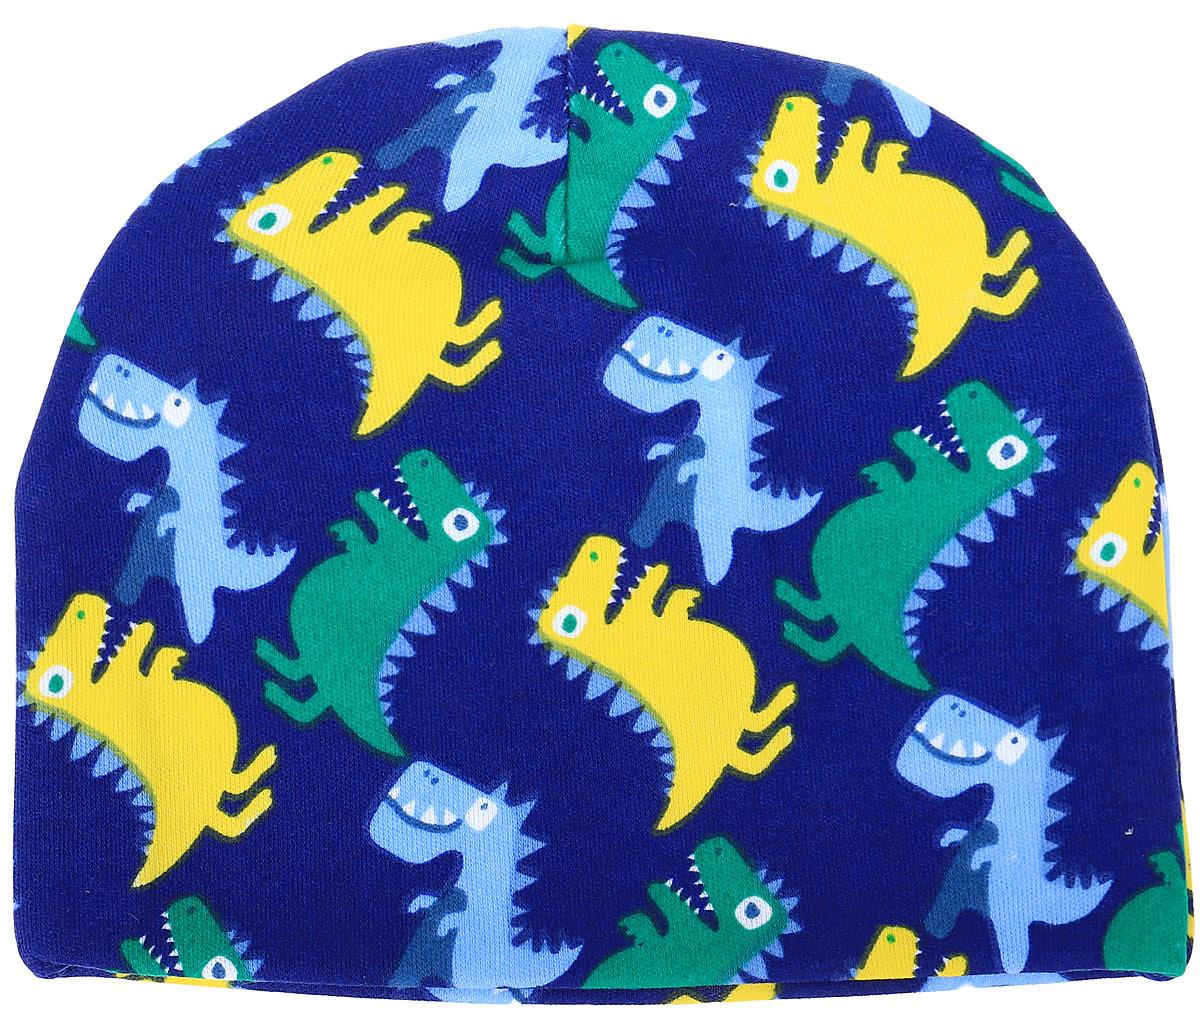 Шапочка детская КотМарКот Маленький Динозаврик, цвет: темно-синий, желтый. 8536. Размер 408536Мягкая детская шапочка от КотМарКот выполнена из интерлока и оформлена принтом. Шапочка защищает еще не заросший родничок, щадит чувствительный слух малыша и позволяет прикрыть ушки от ветра и холода.Материал шапочки мягкий и тактильно приятный, не раздражает нежную кожу ребенка и хорошо пропускает воздух. Уважаемые клиенты!Размер, доступный для заказа, является обхватом головы.